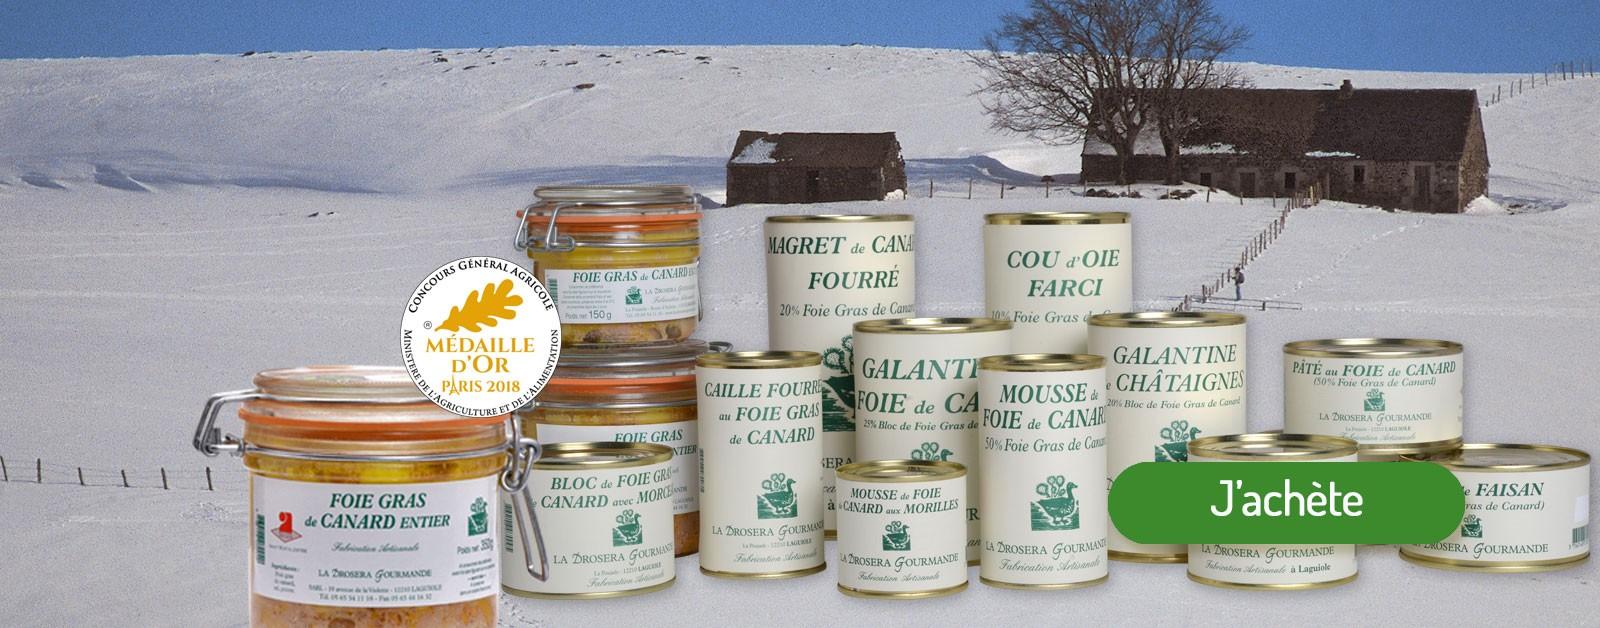 Les spécialités gastronomiques de La Drosera Gourmande - Fabrication artisanale en Aveyron